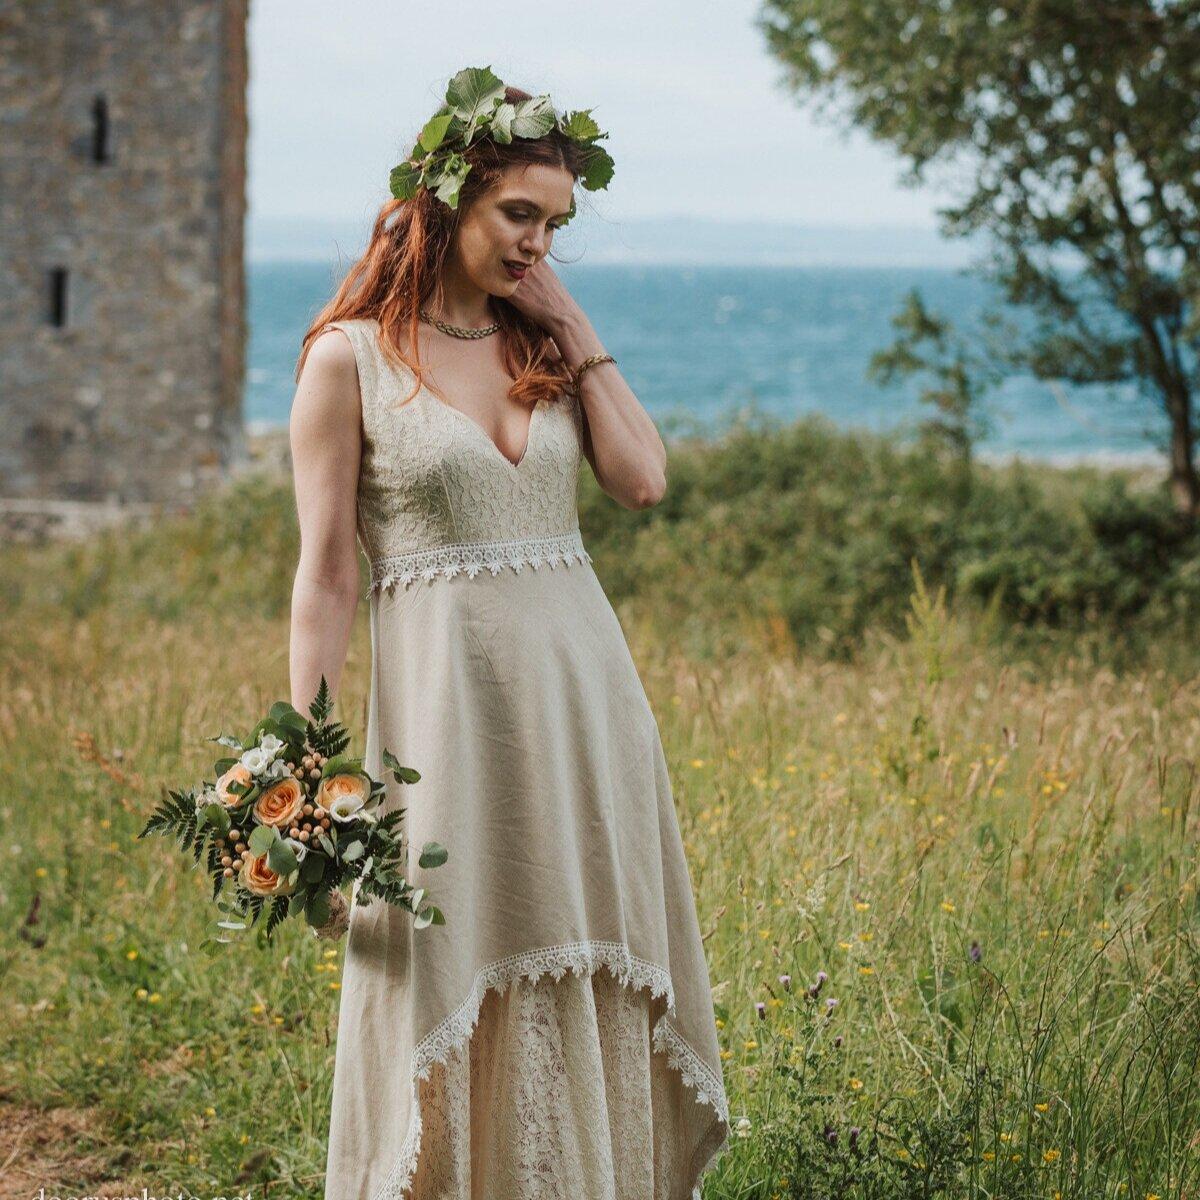 Linen Wedding Dress.Danu Wedding Dress Free Spirited Celtic Design